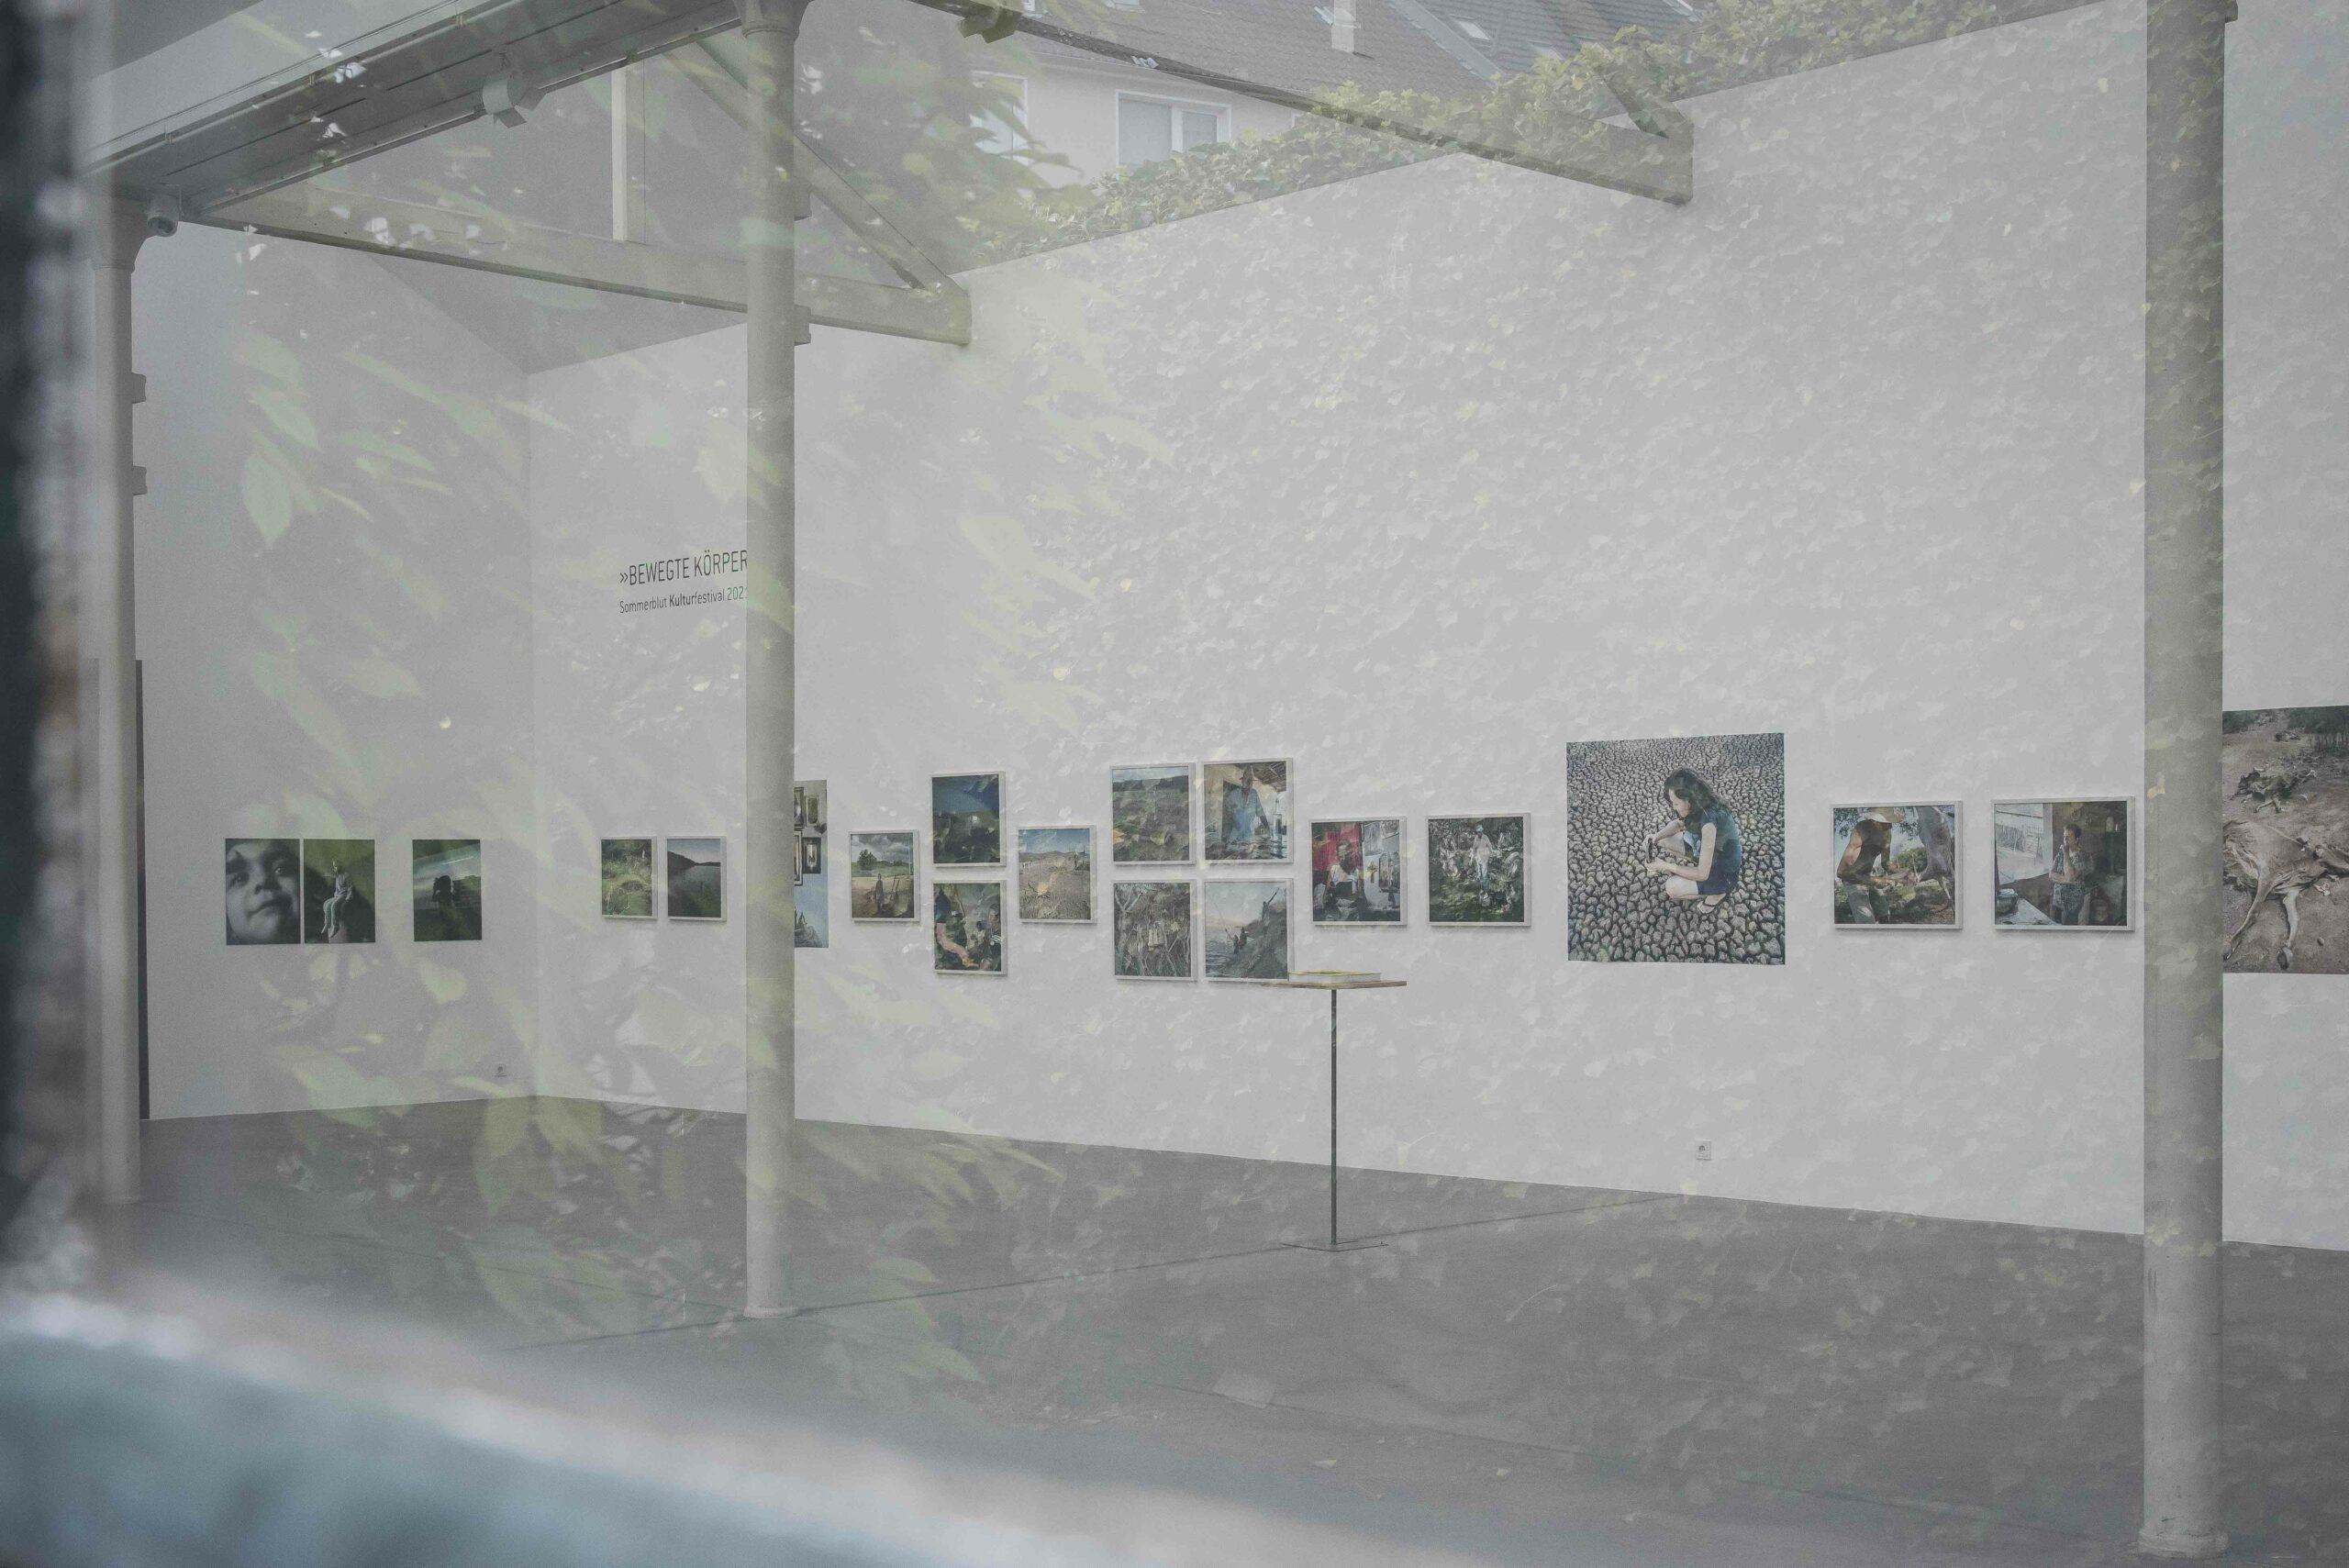 Blick in die Räume der Michael Horbach Stiftung